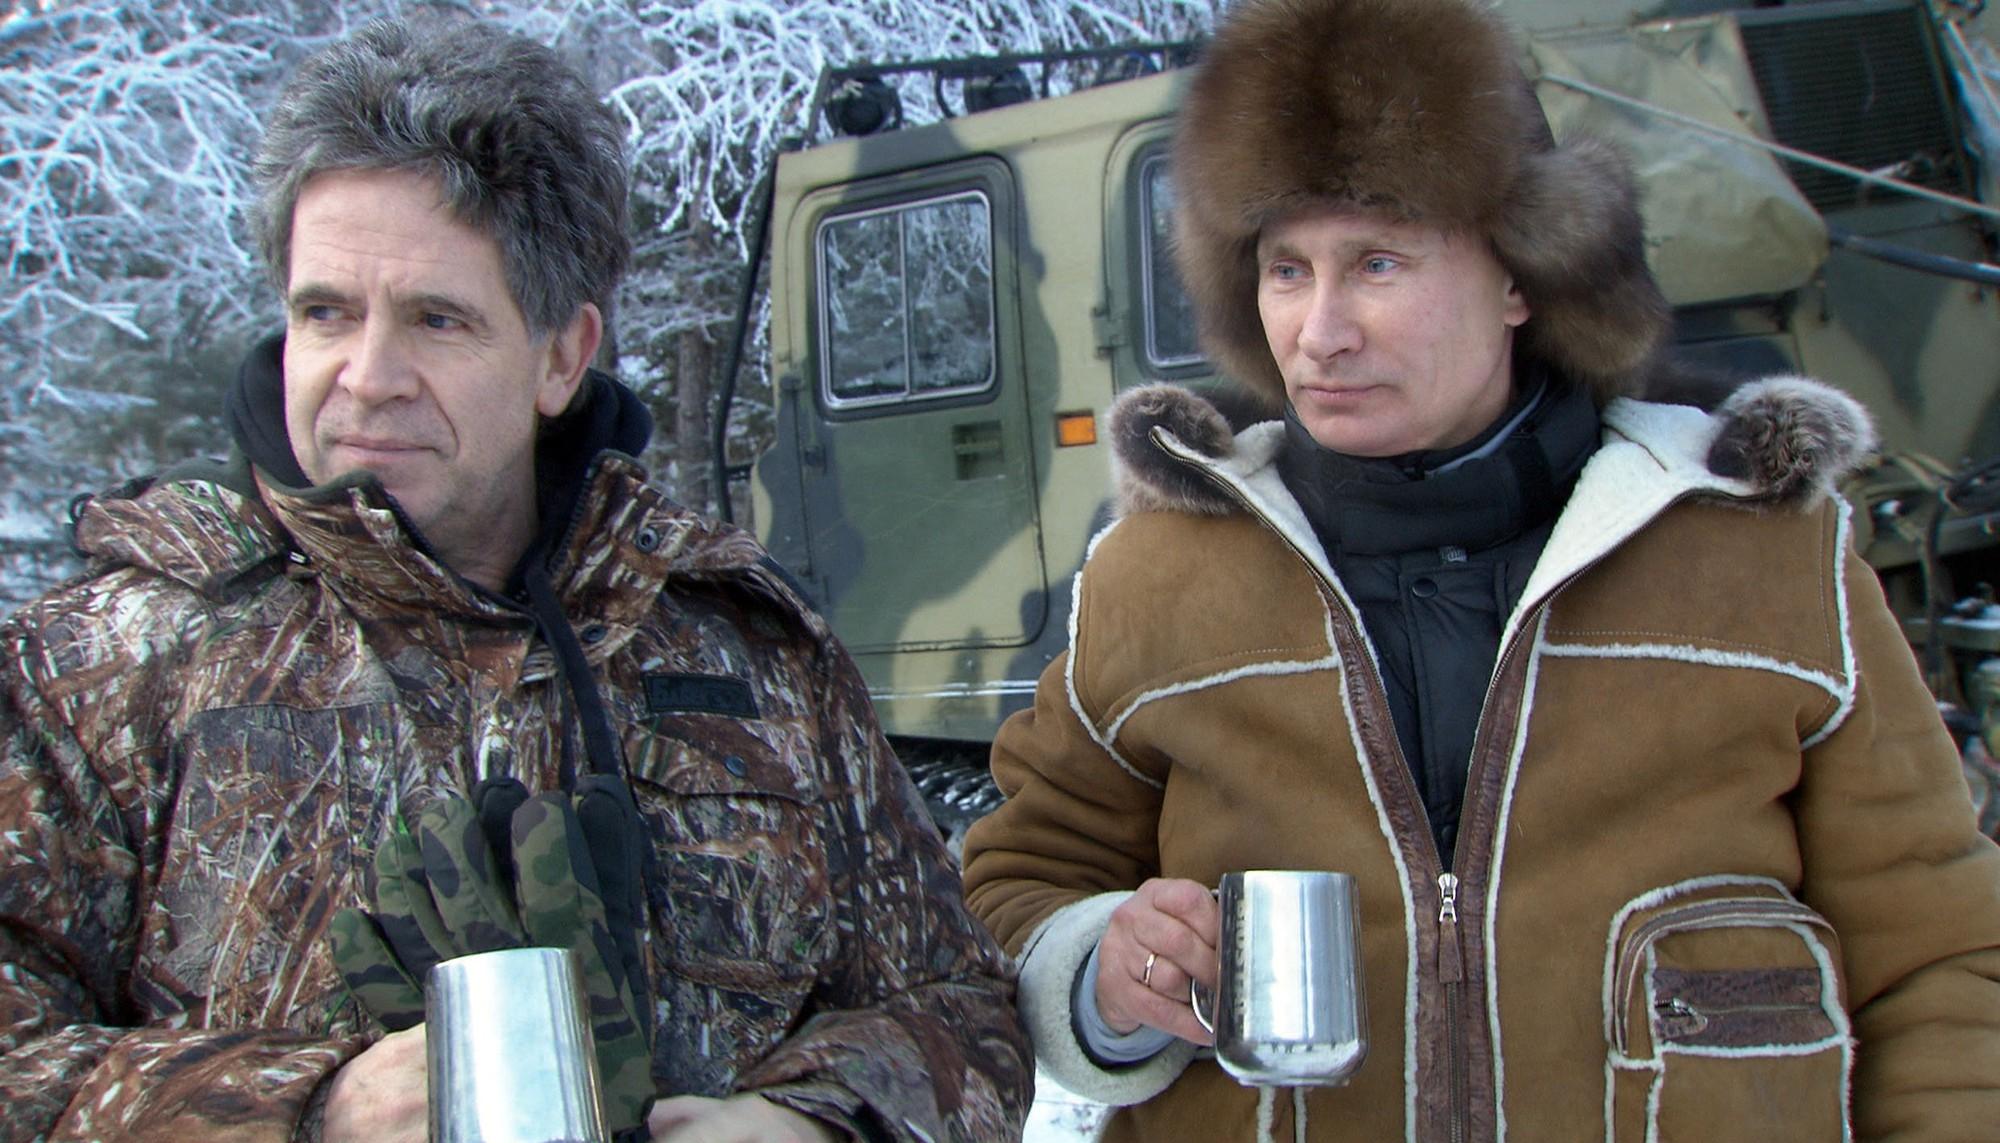 Vladimir Putin: Những khoảnh khắc cô đơn của người đàn ông thép - Ảnh 2.